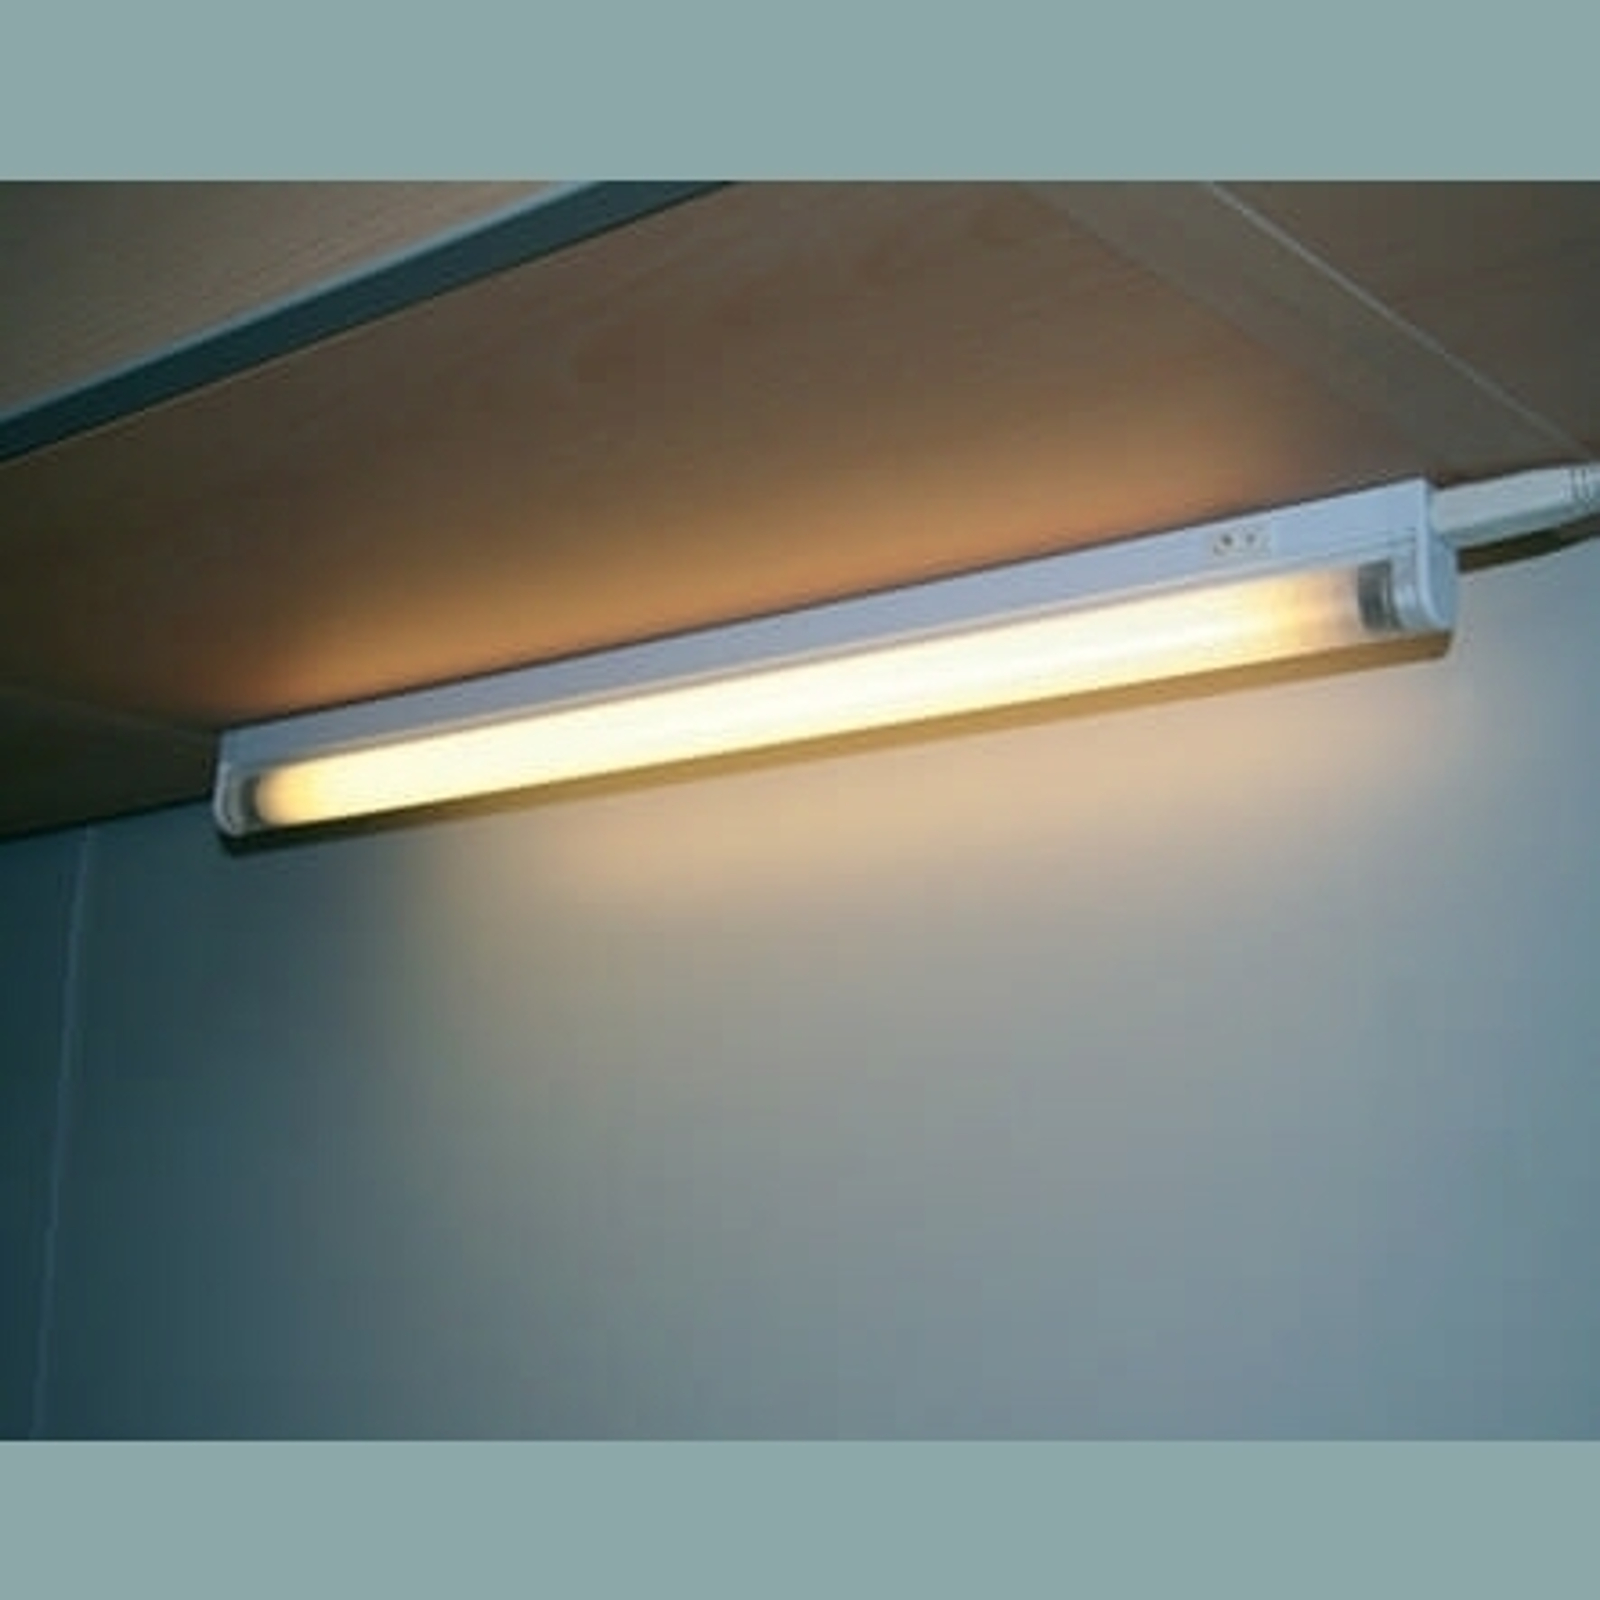 Lampada per mobili con alimentatore 35 W bu